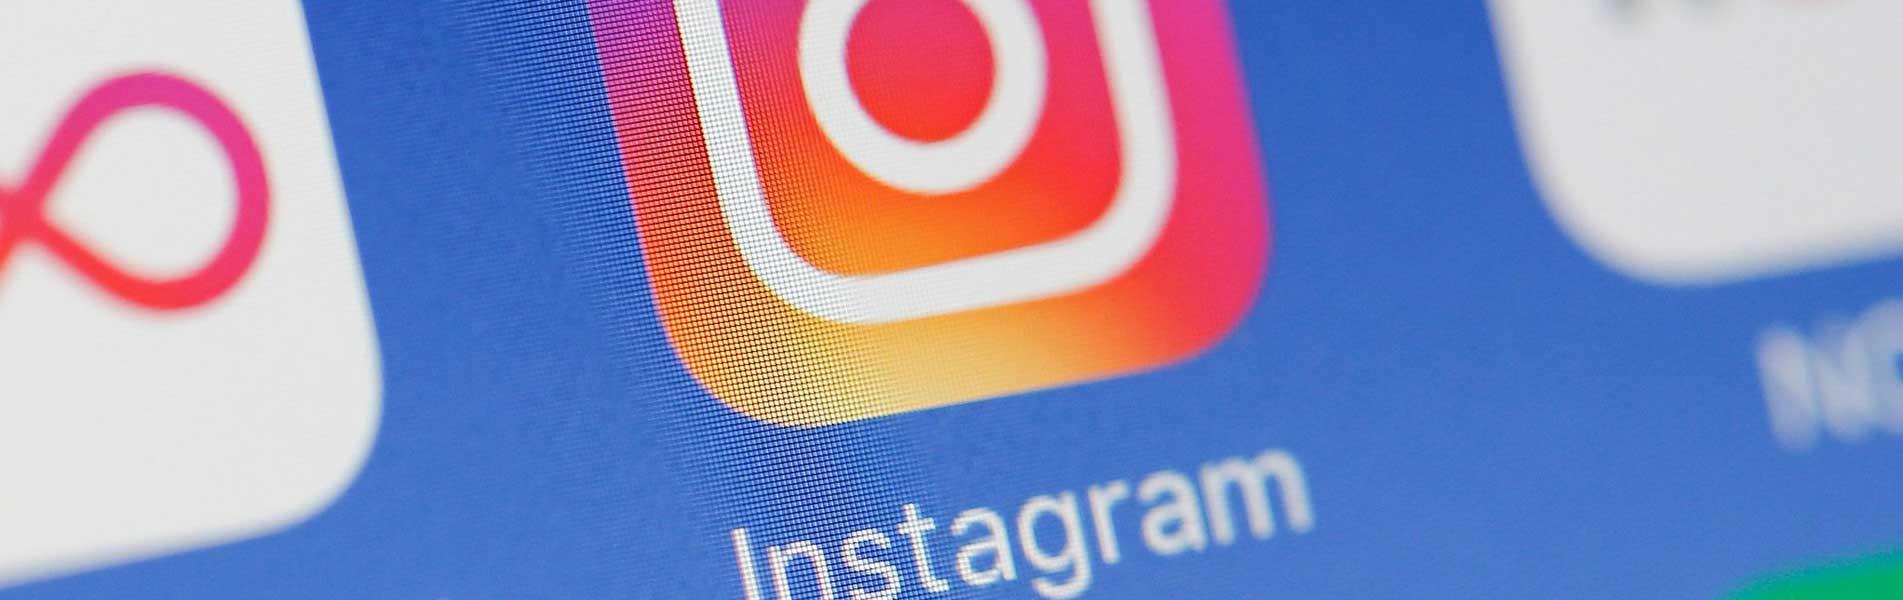 Kiat Memanfaatkan Instagram Untuk Memasarkan Produk